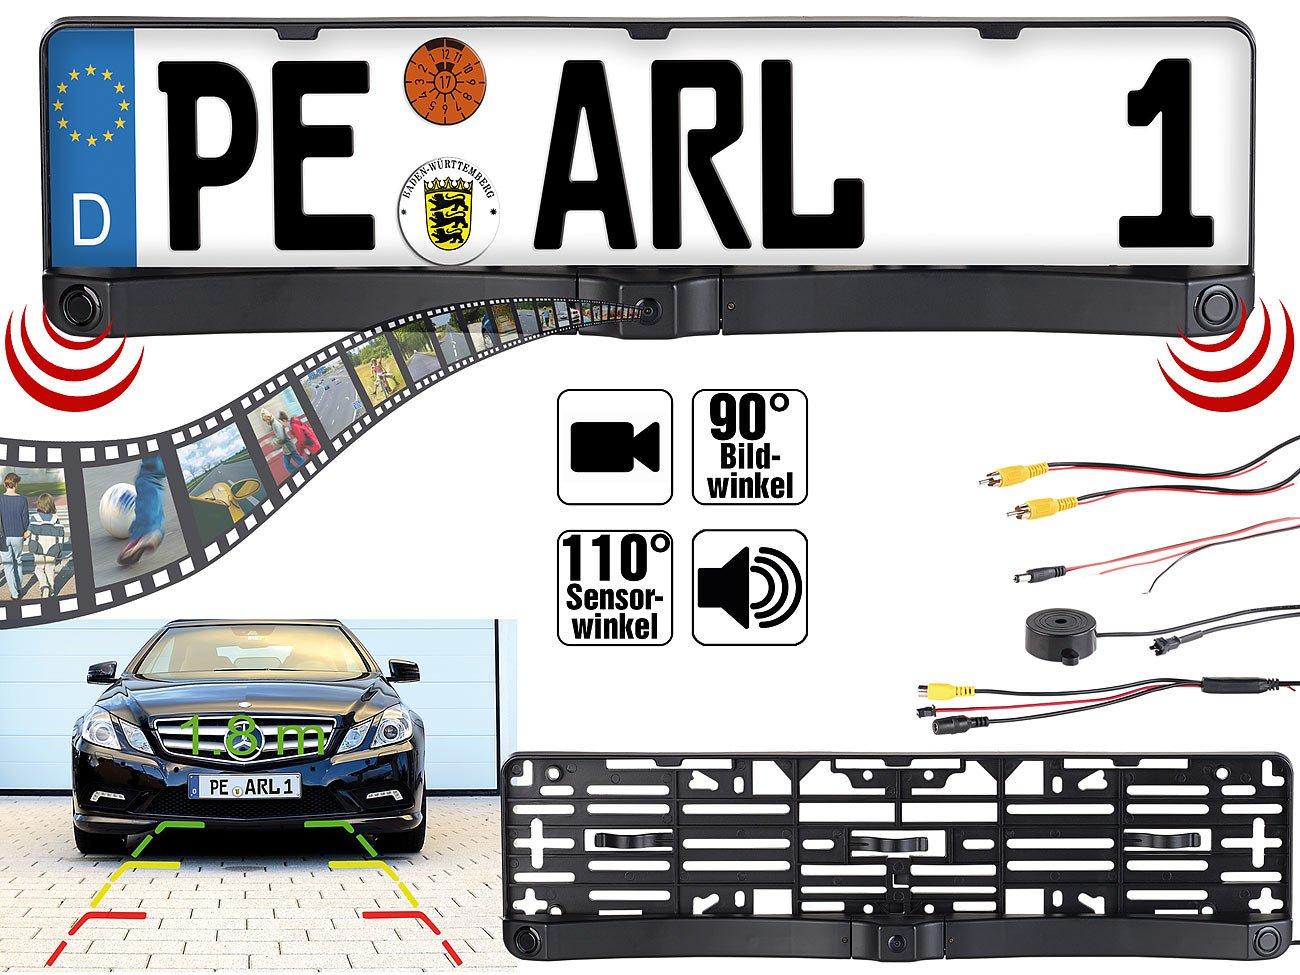 Lescars-Auto-Kamera-Rckfahrkamera-Einparkhilfe-mit-Abstandswarner-Nummernschildhalter-Einparkhilfe-Kennzeichen